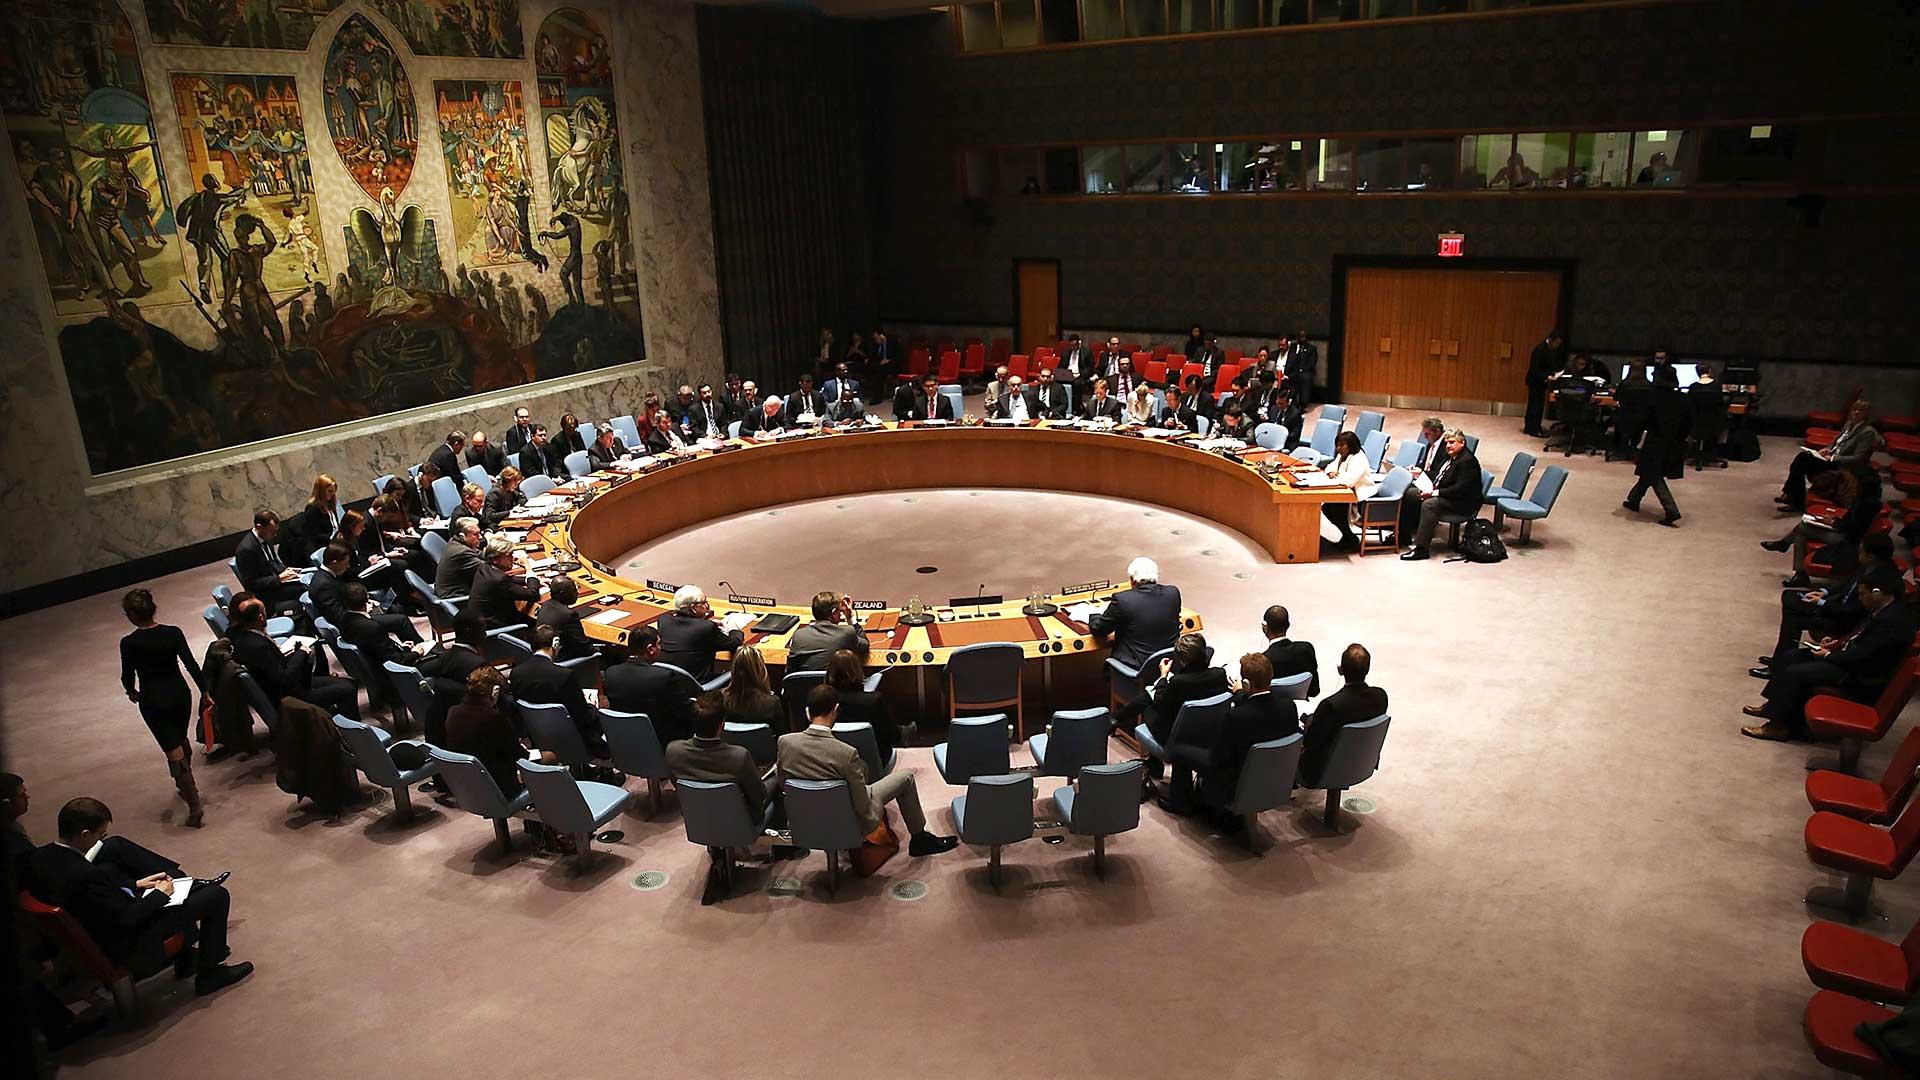 El Consejo de Seguridad de la ONU propuso una tregua de un mes en Siria (Getty Images)